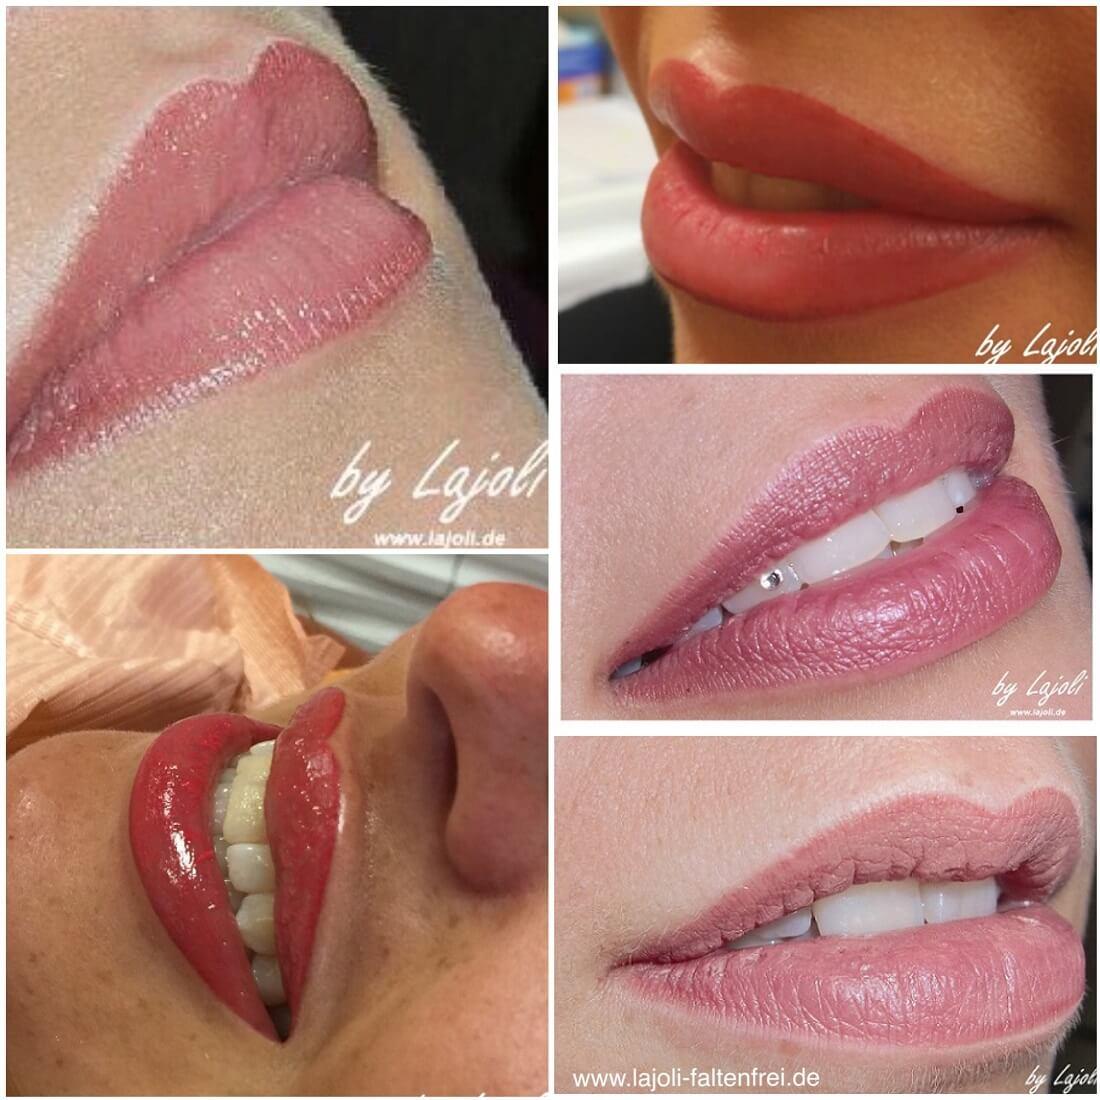 Lippen Permanent Make Up und Lippen aufspritzen mit Hyaluronsäure